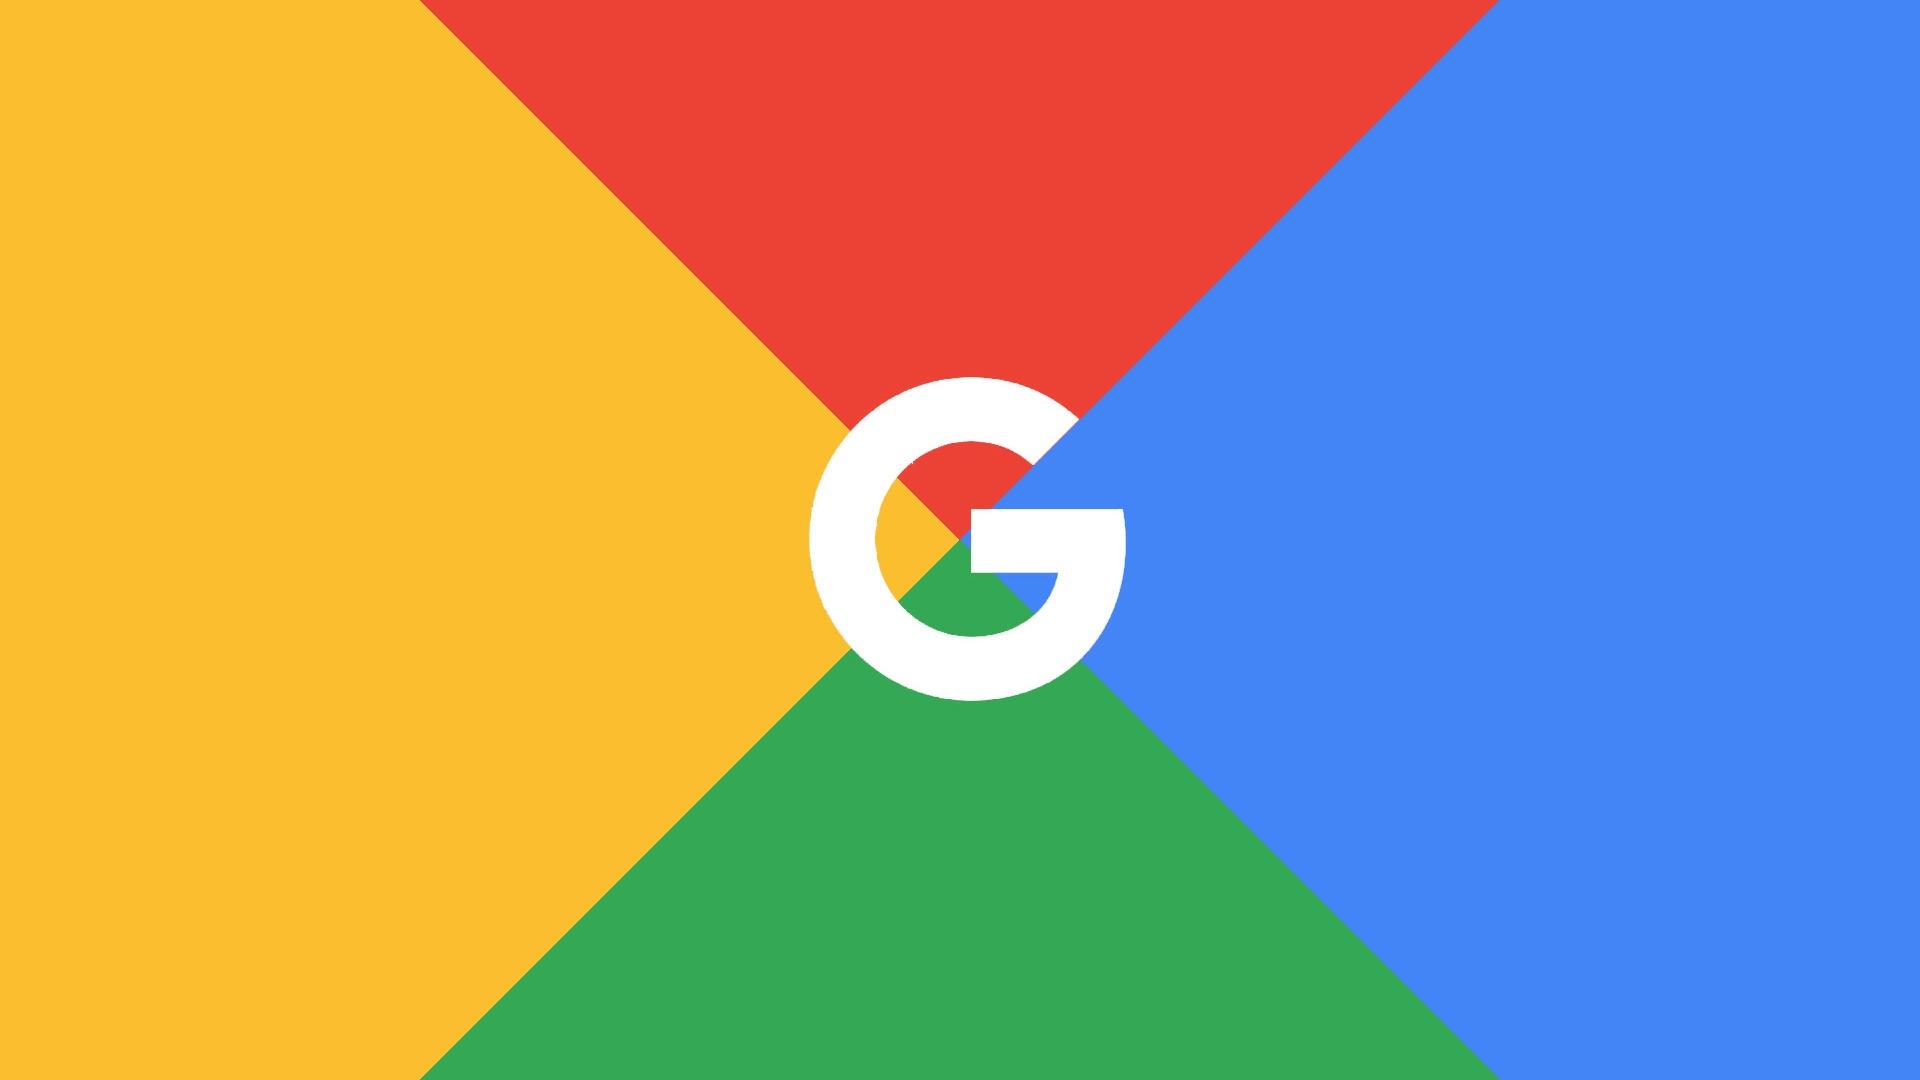 Google supprime l'outil de soumission d'URL publique